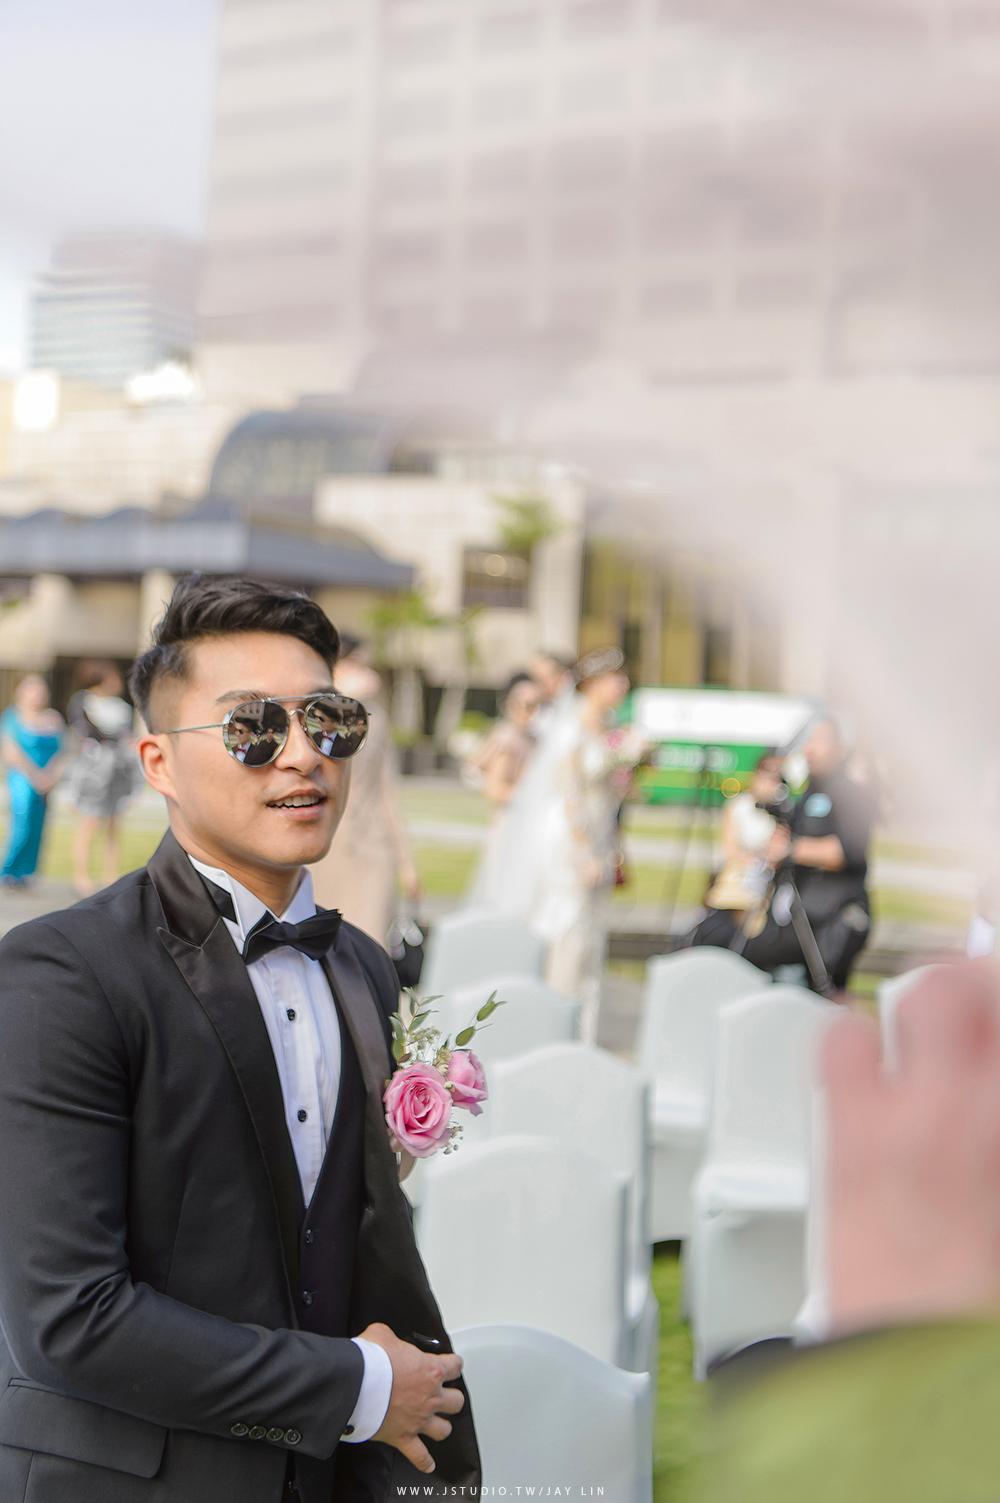 婚攝 台北婚攝 婚禮紀錄 婚攝 推薦婚攝 世貿三三 JSTUDIO_0031